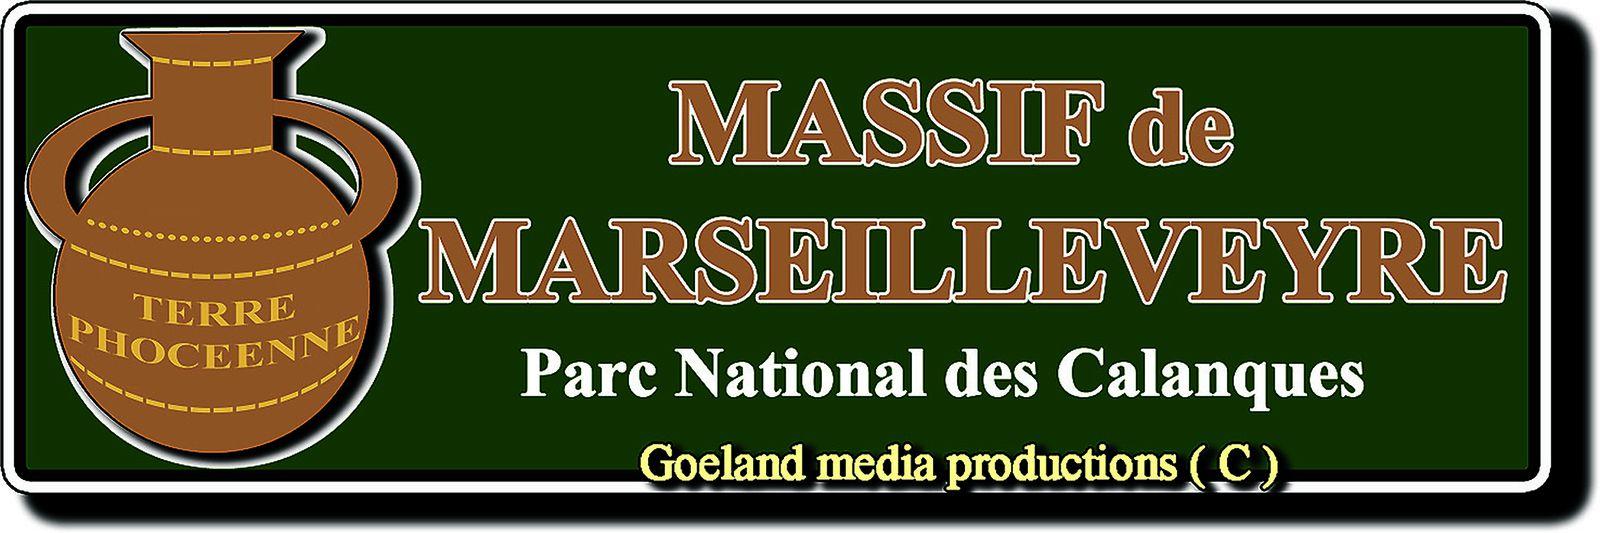 Massif de MARSEILLEVEYRE - goelandmedia.prod@gmail.com (c) - CALANQUES - Marseille ( Dpt 13 )